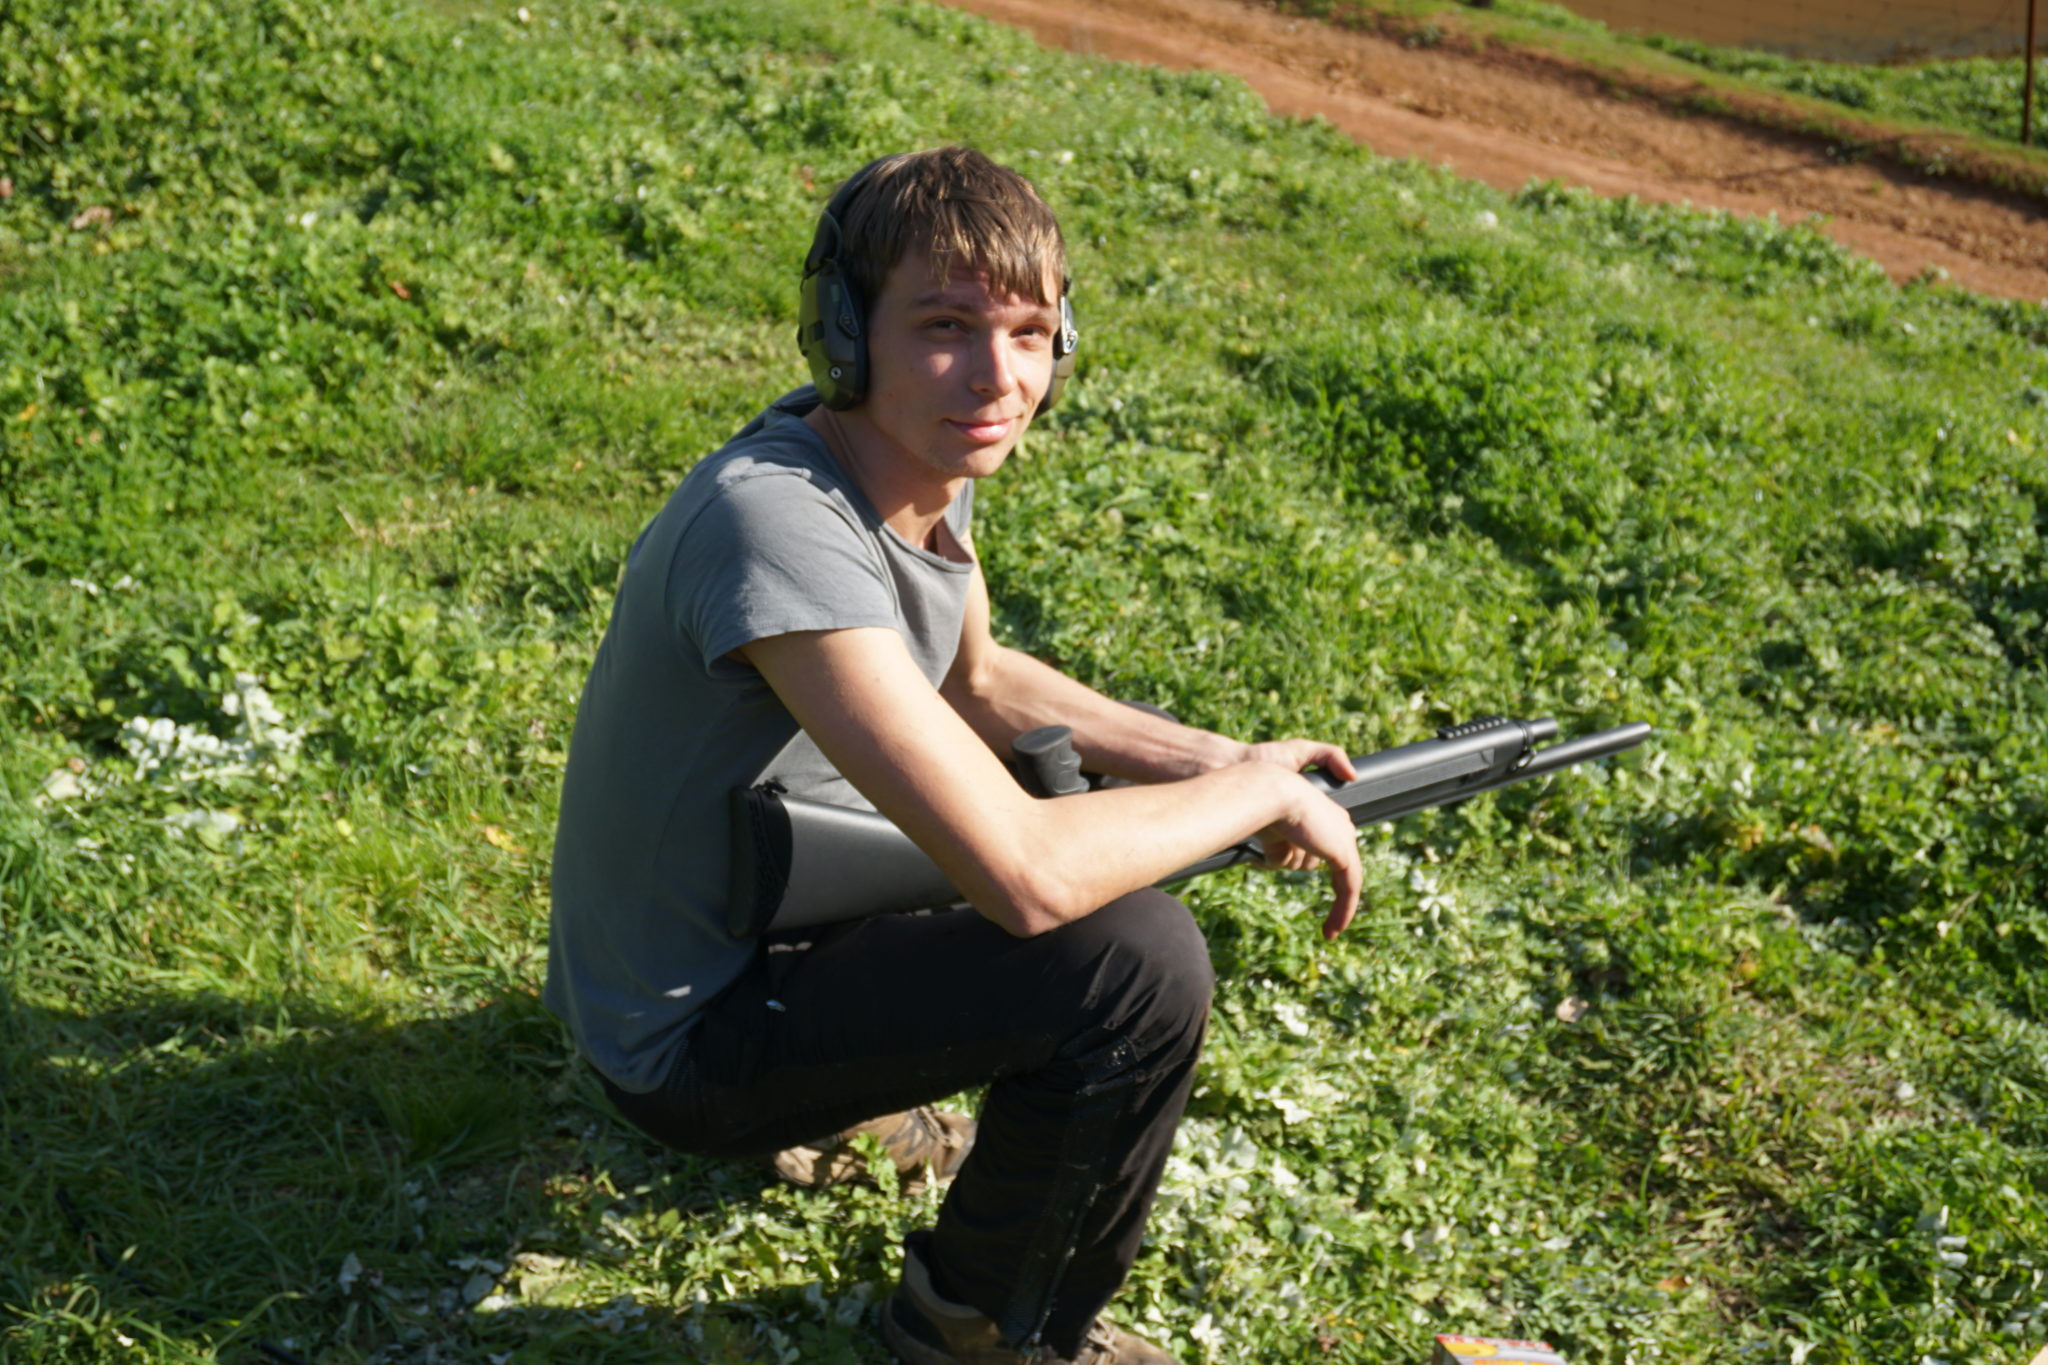 Marcel im Gras hockend mit Shotgun